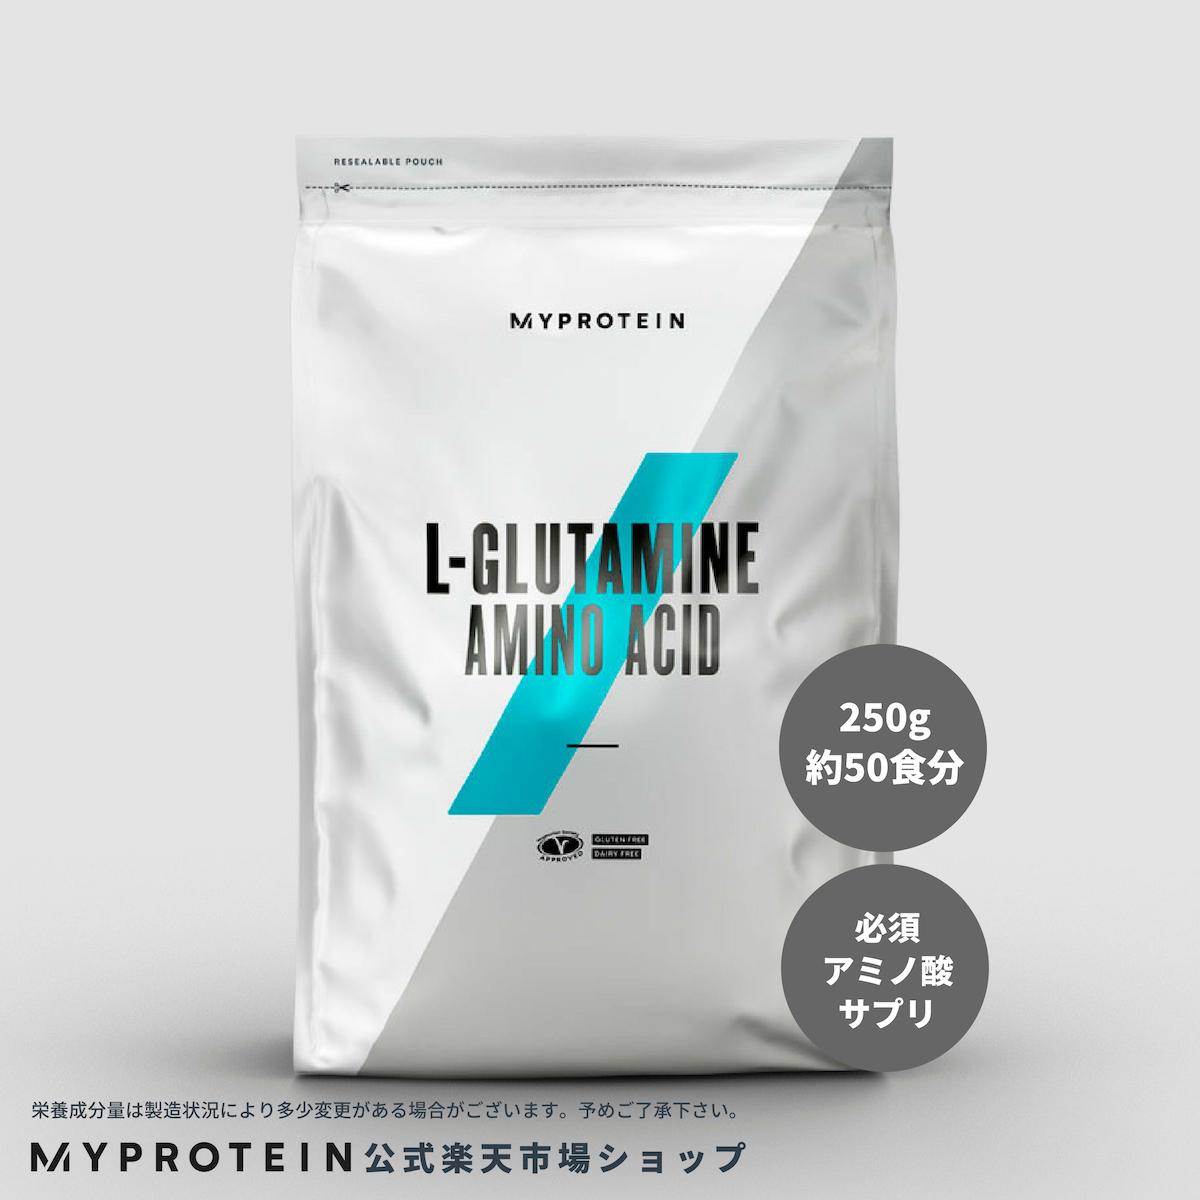 マイプロテイン 公式 【MyProtein】 L-グルタミン パウダー 250g 約50食分| サプリメント サプリ アミノ酸 あみの酸 グルタミン 燃焼系 スポーツサプリ ダイエットサプリ パウダー スタミナ【楽天海外直送】